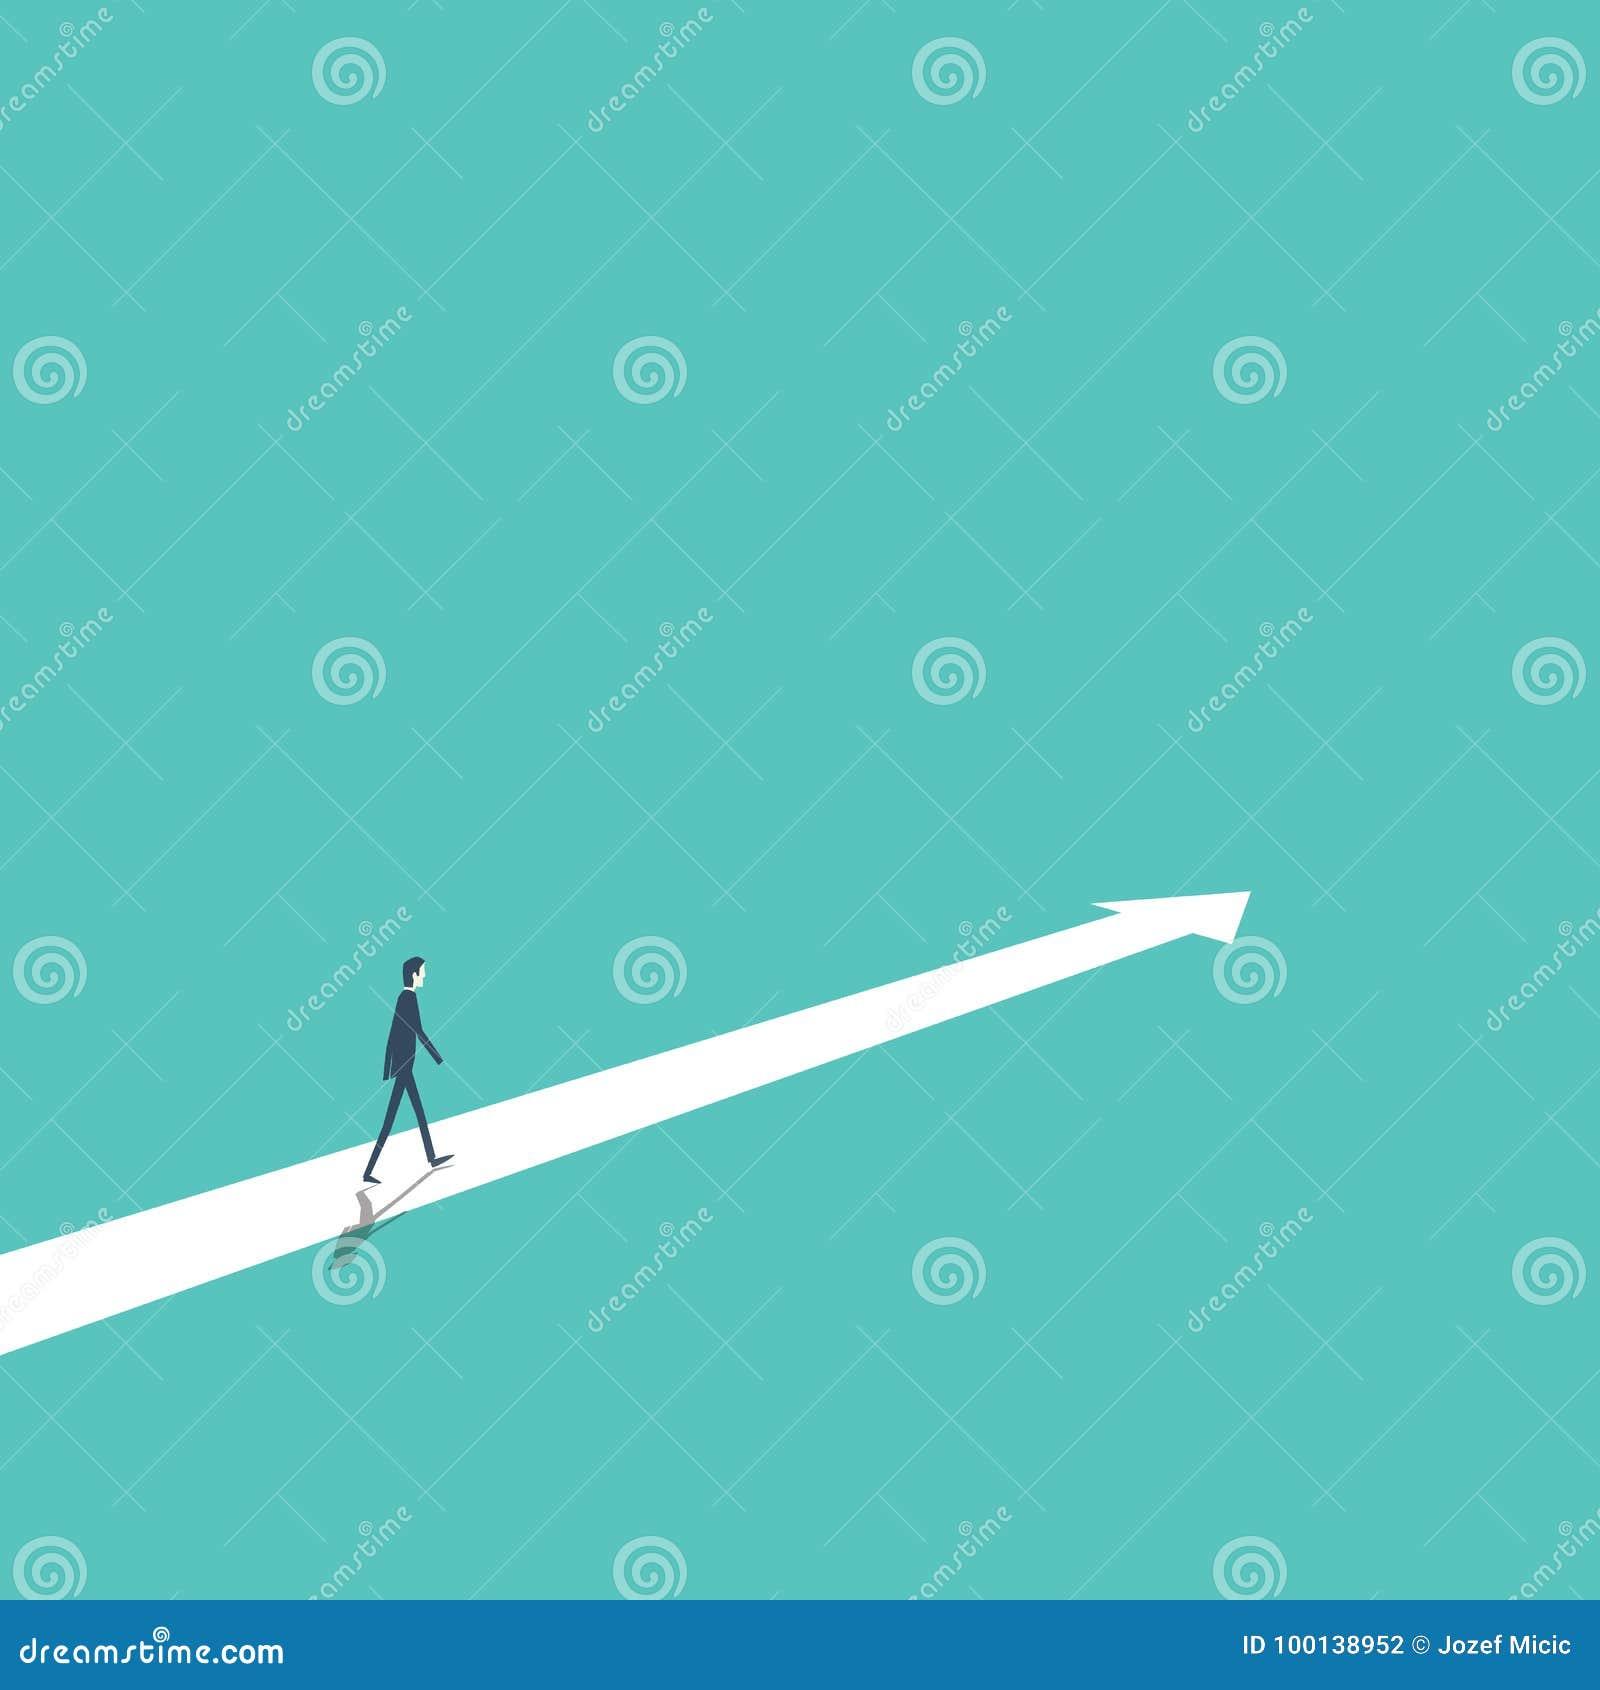 Affärsstrategi, plan, beslut, begrepp för riktningsvektor med affärsmannen som framåtriktat går till framgång och tillväxt